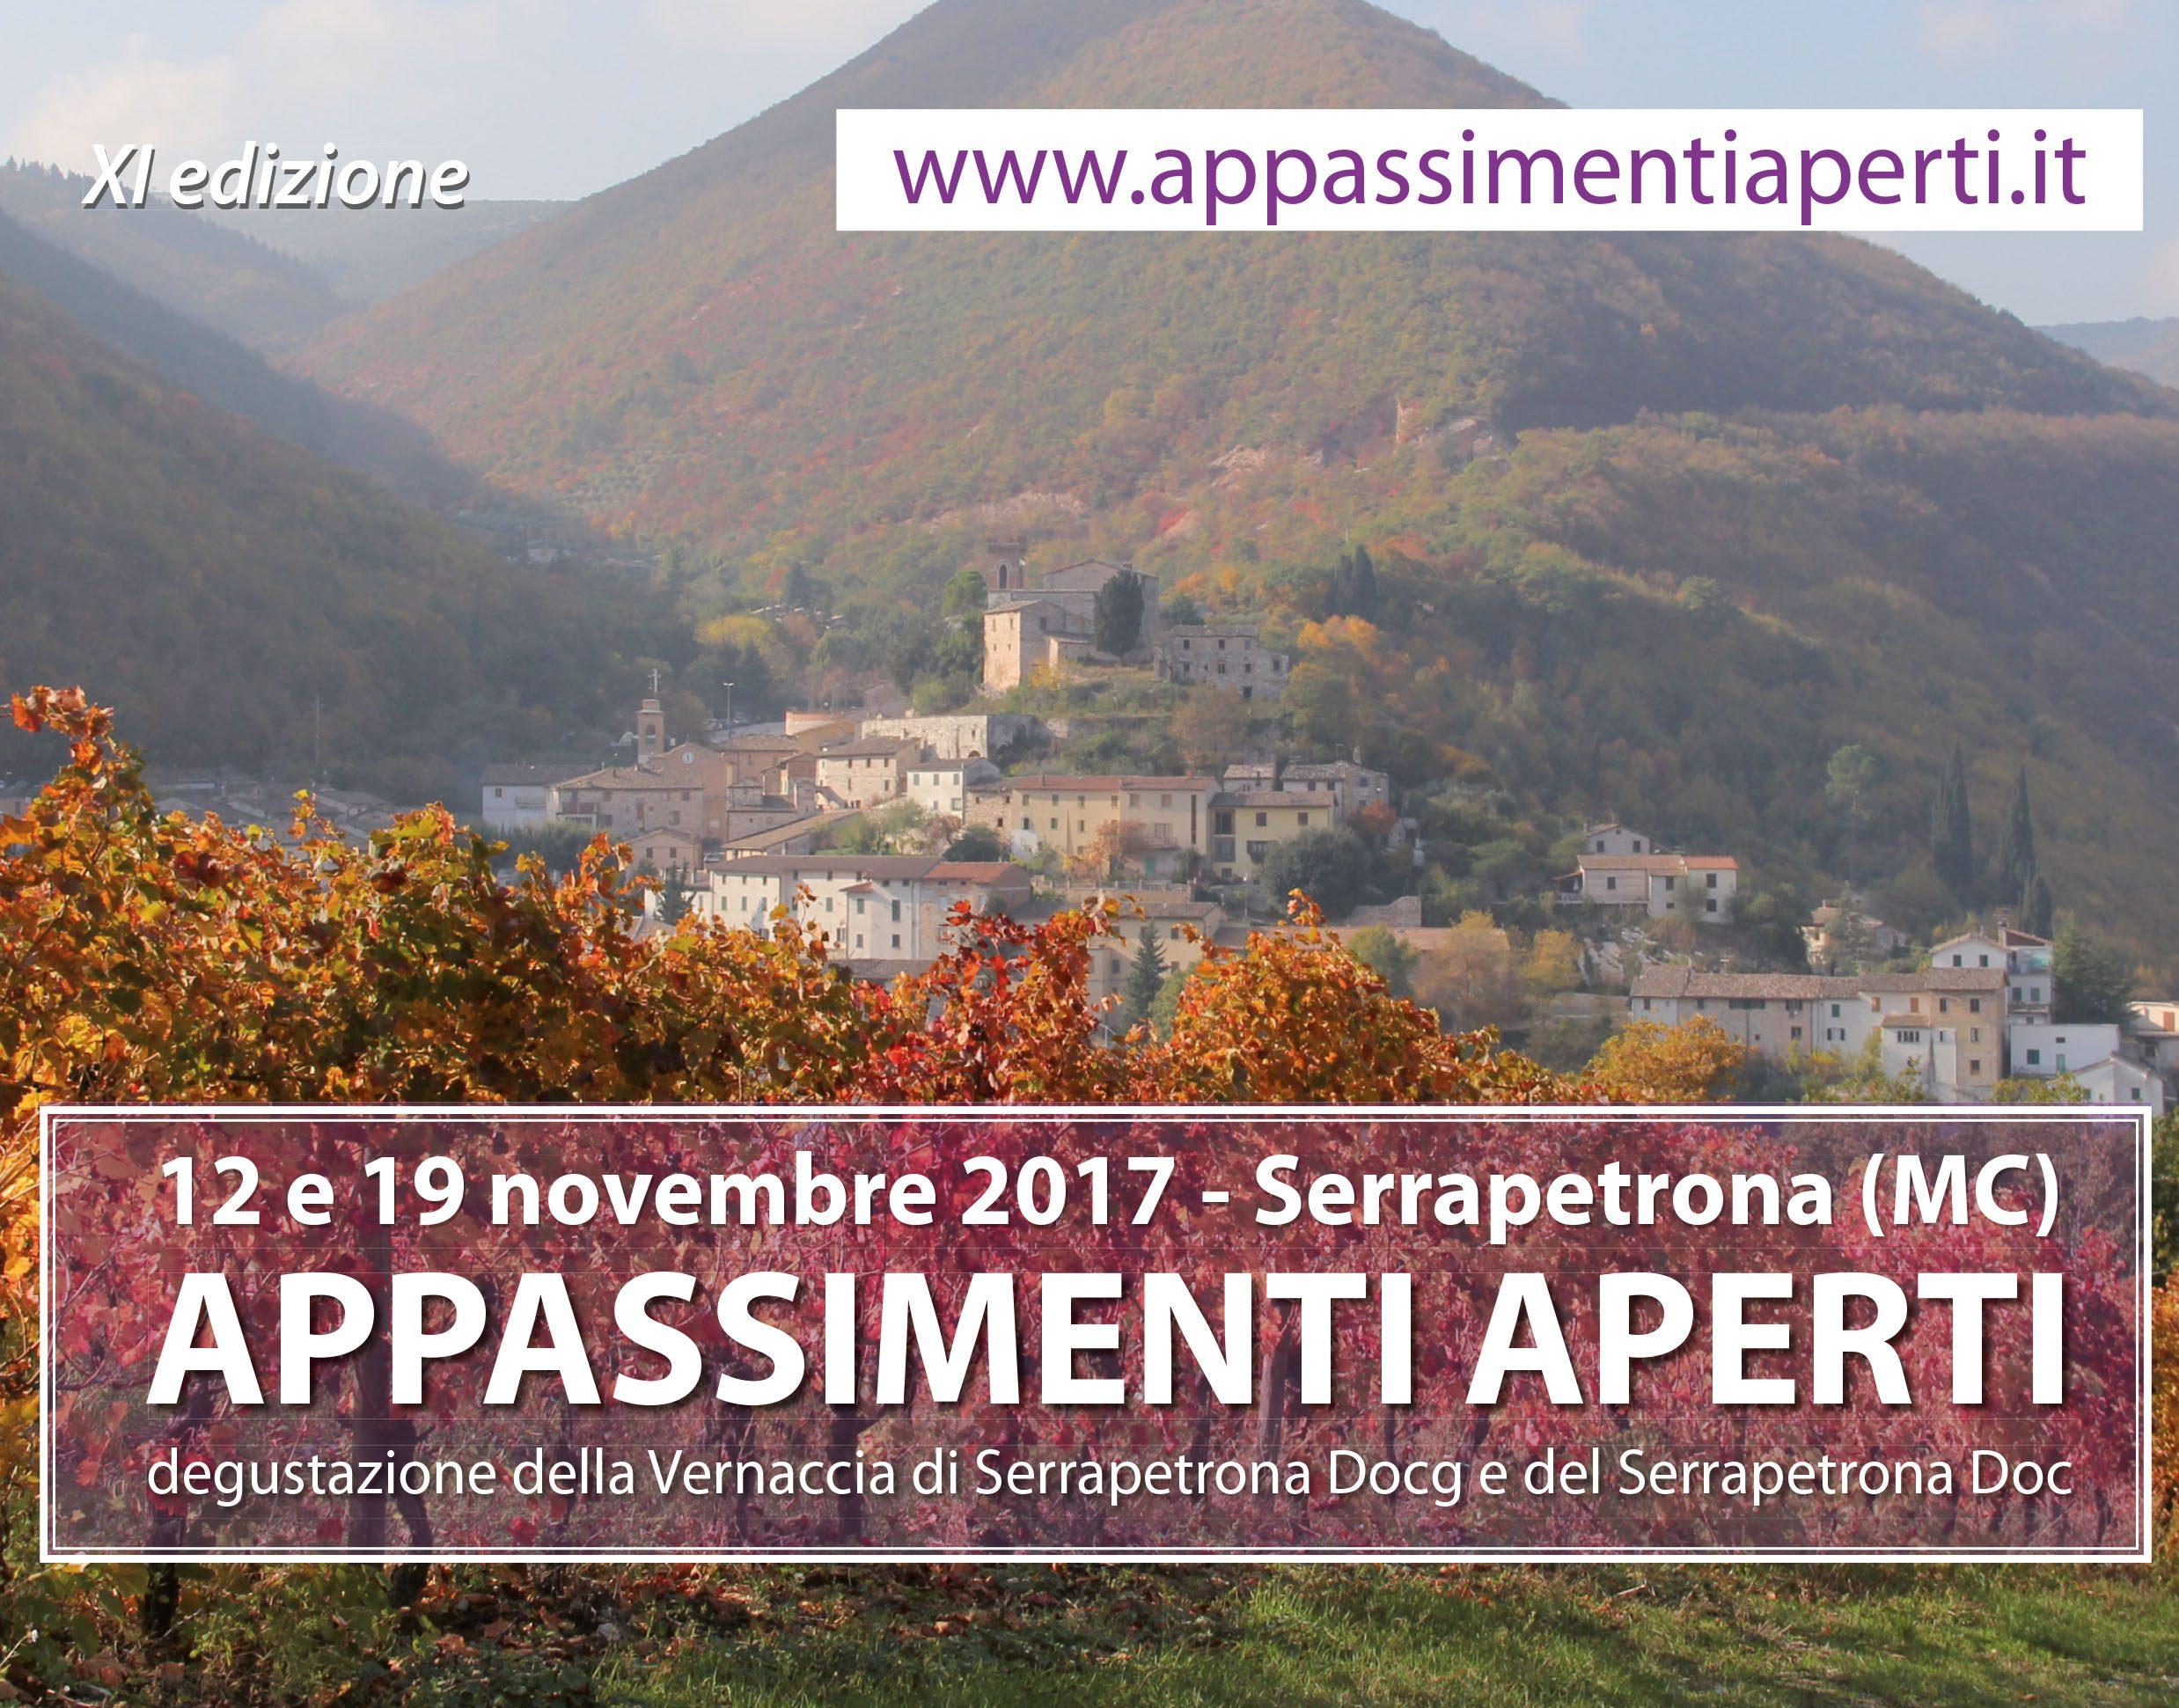 AppassimentiAperti_2017_graficavaria.indd